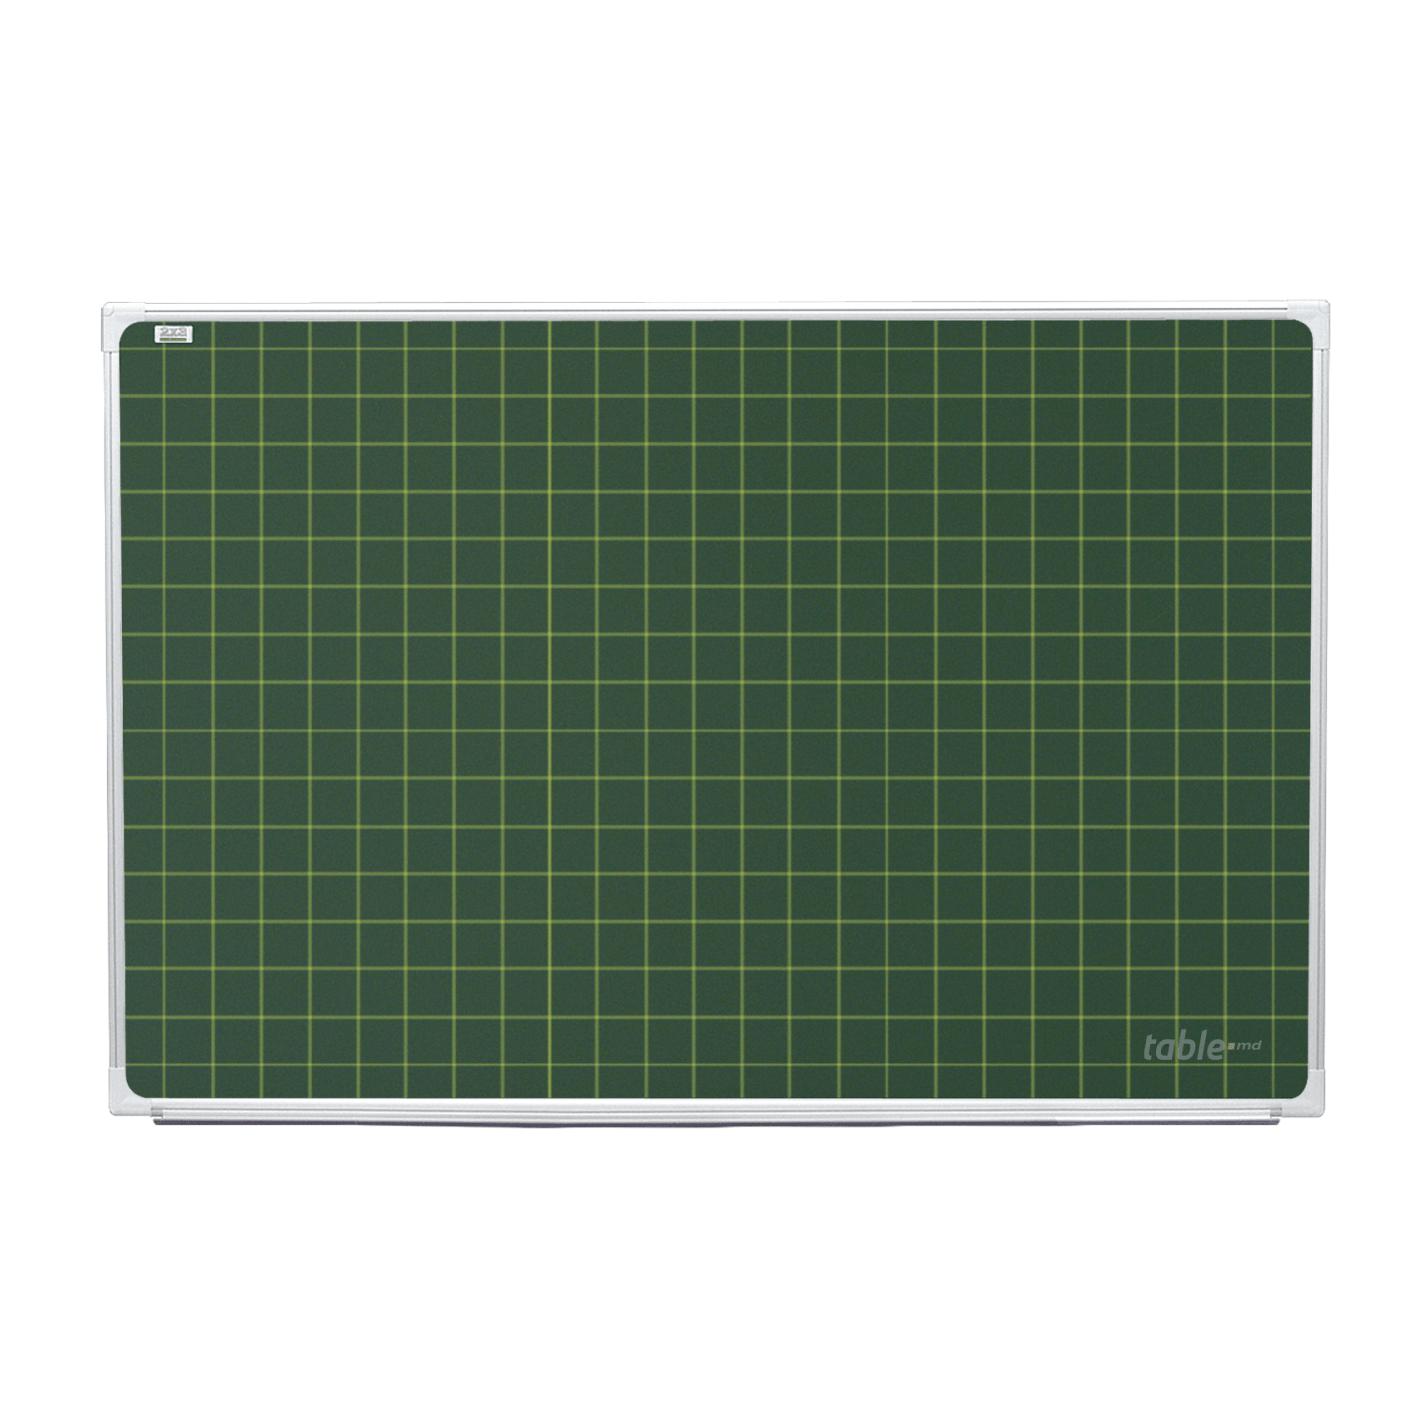 tabla verde liniata